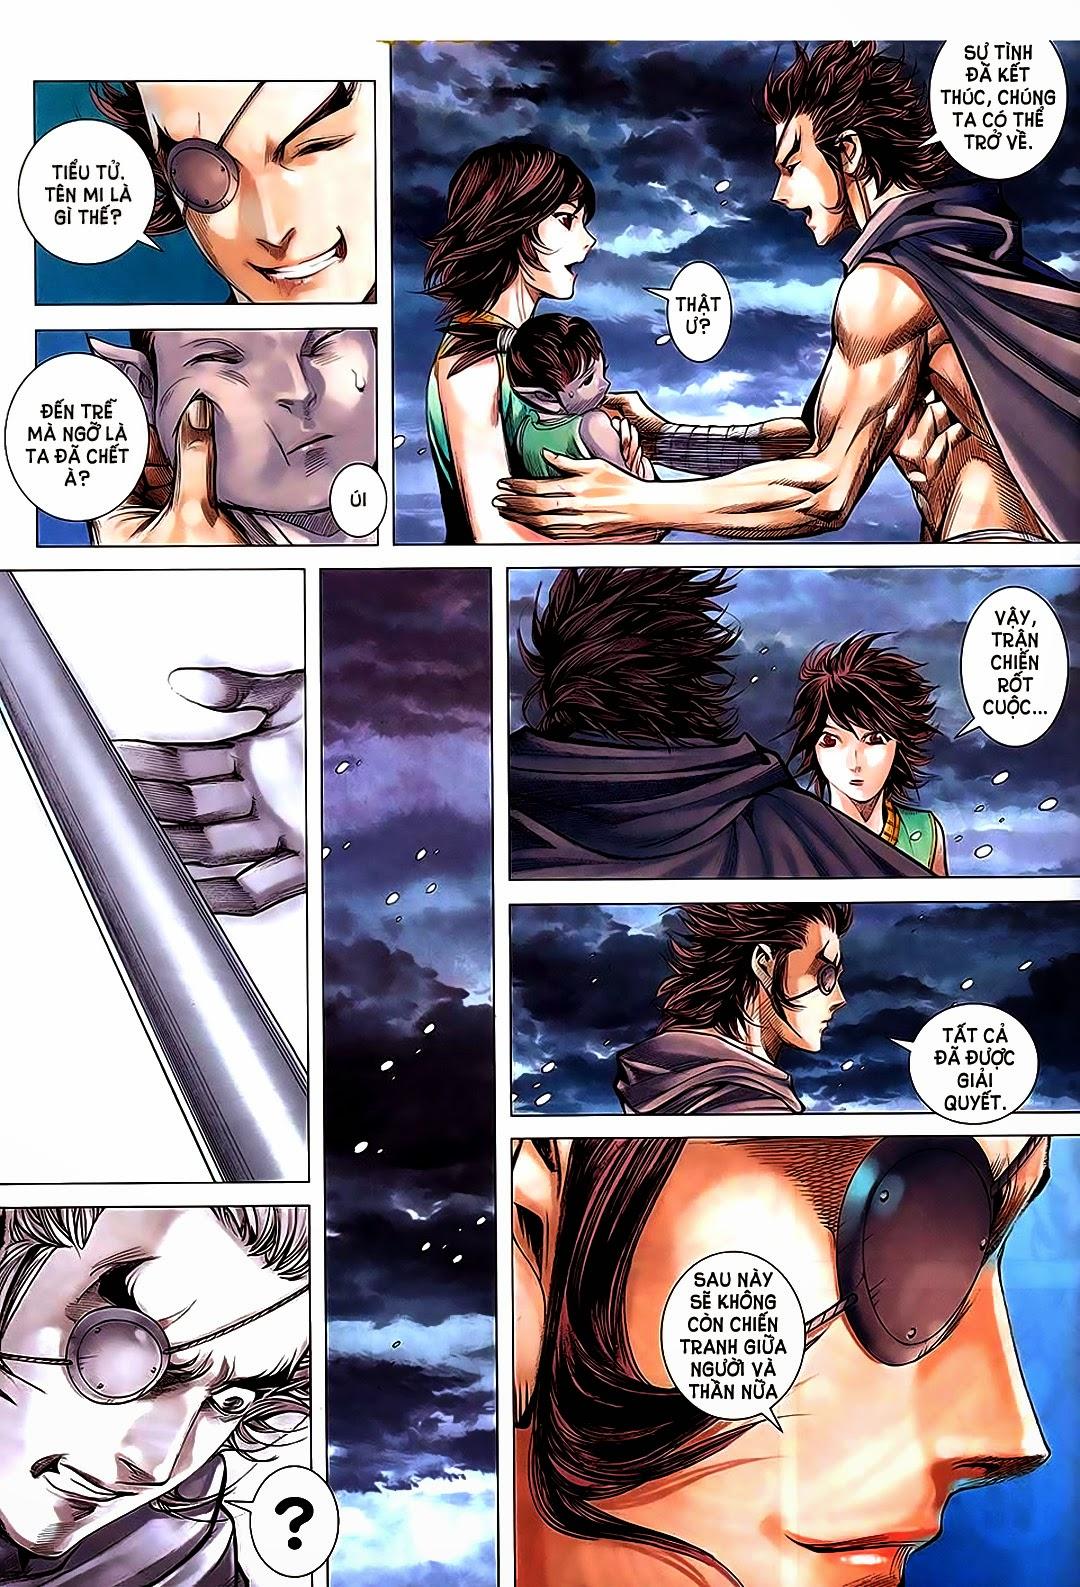 Phong Thần Ký Chap 182 - Trang 21